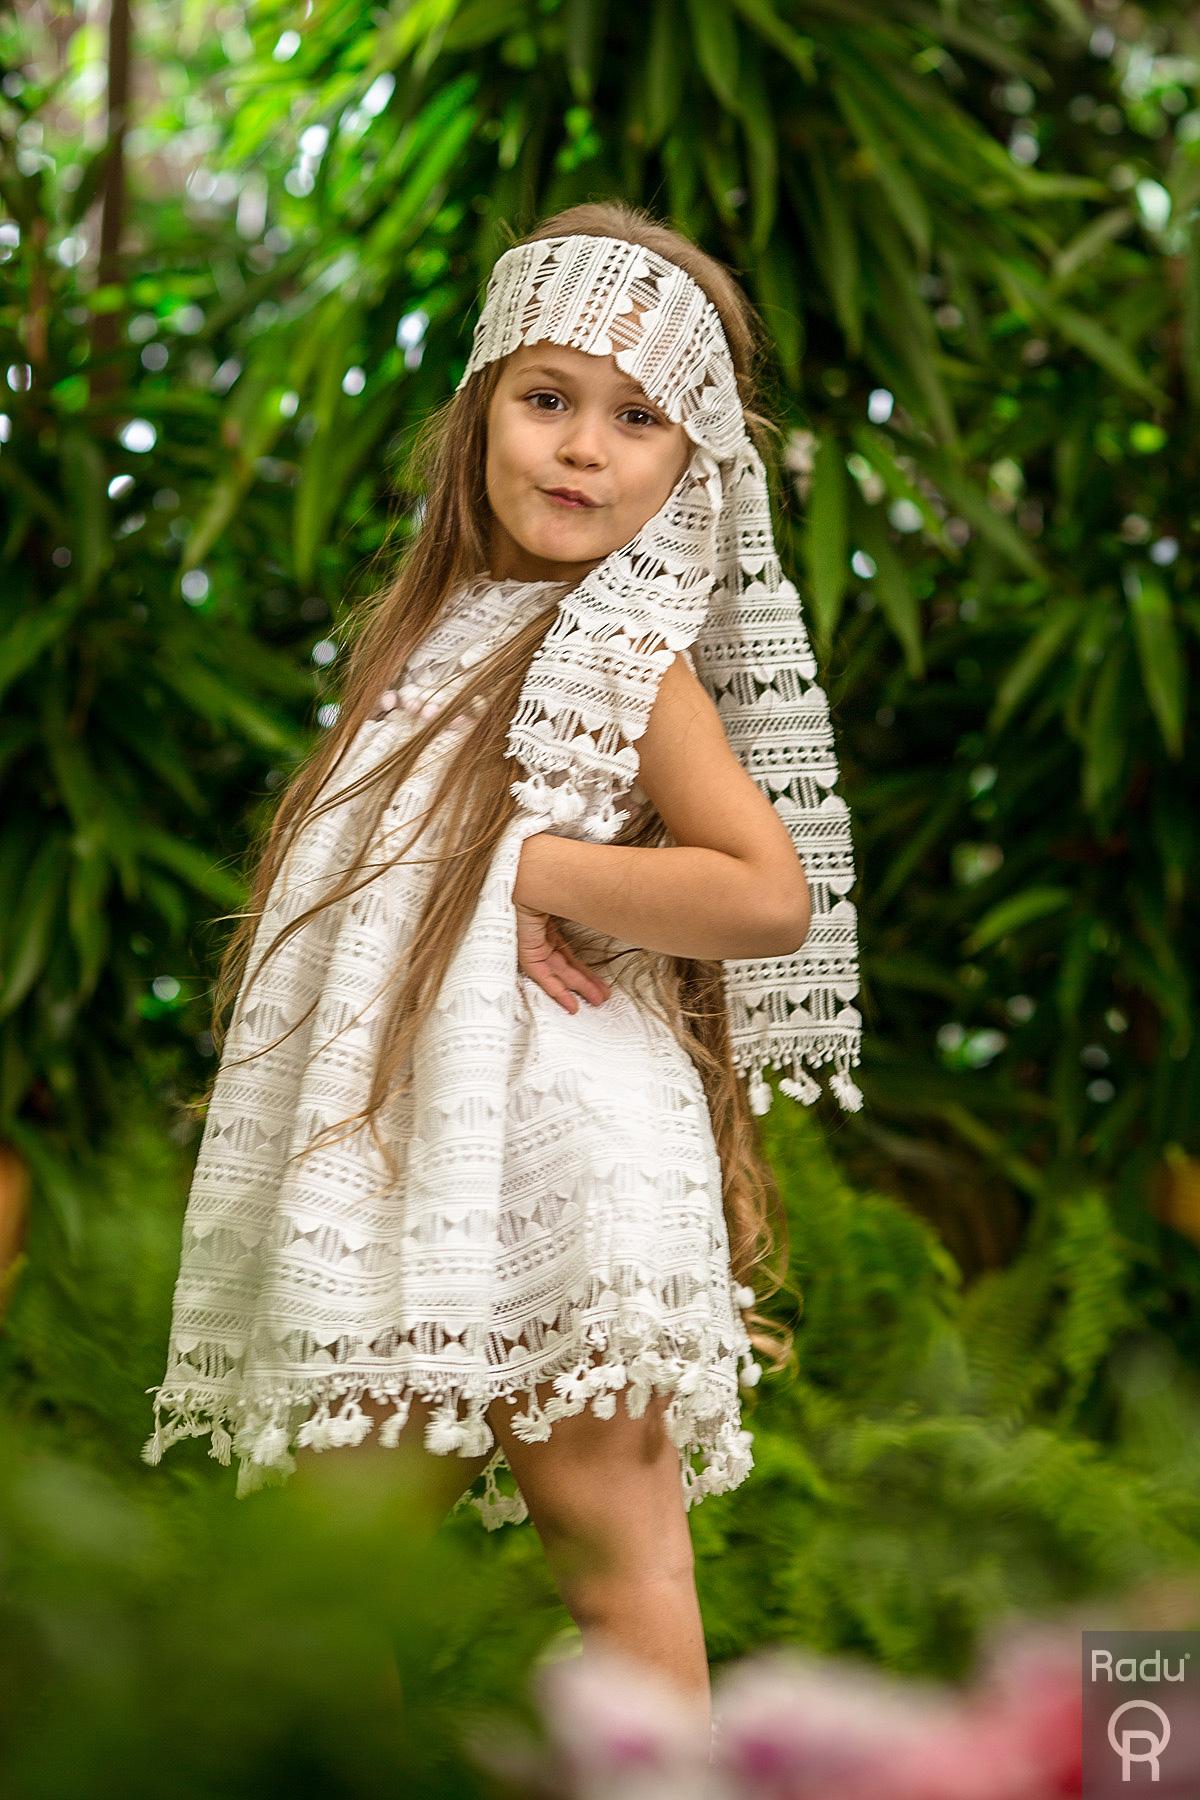 Βαπτιστικό φόρεμα Radu από λευκό broderie anglaise  Βαφτιστικό φόρεμα Radu σε λευκό ύφασμα. Ο τύπος του υφάσματος ονομάζεται broderie anglaise που είναι γνωστό και ως κοφτό ύφασμα. Συνδυάζεται απόλυτα με το ασσορτί του μαντώ ή μπολερό και με αρχαιοελληνικά σανδάλια δερμάτινα σε ασημί, ροζ χρυσό ή χρυσό.